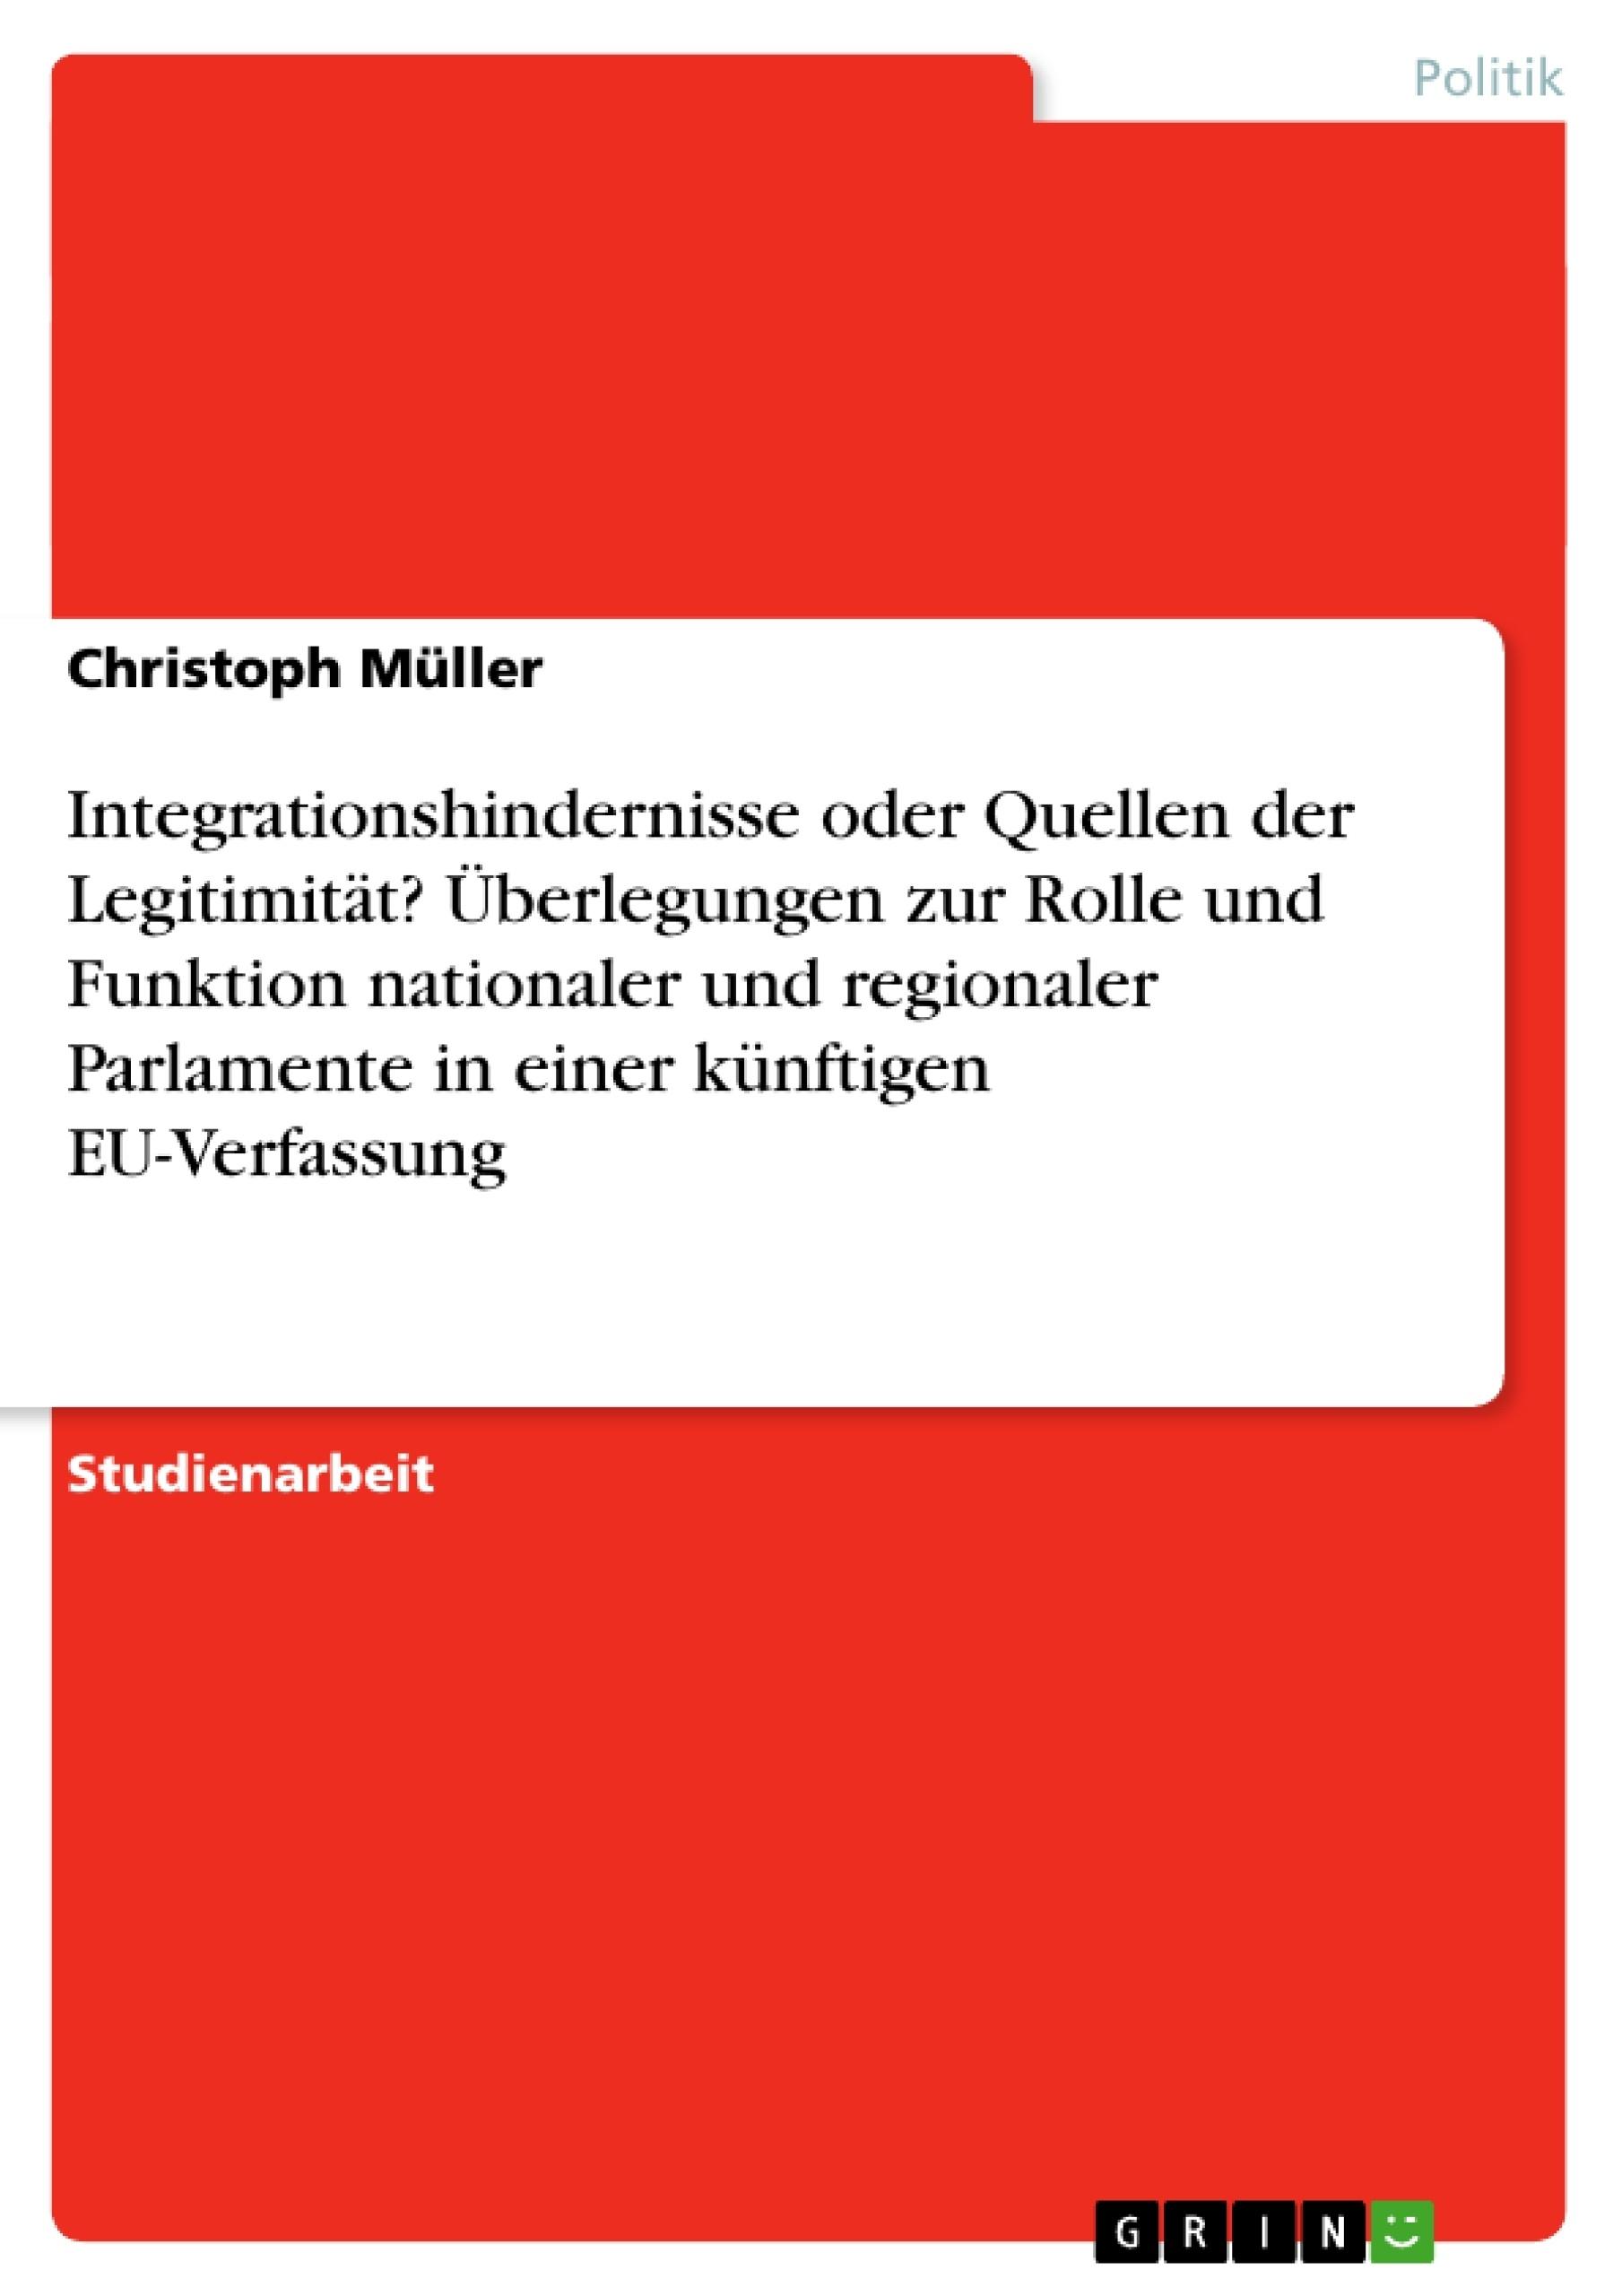 Titel: Integrationshindernisse oder Quellen der Legitimität? Überlegungen zur Rolle und Funktion nationaler und regionaler Parlamente in einer künftigen EU-Verfassung